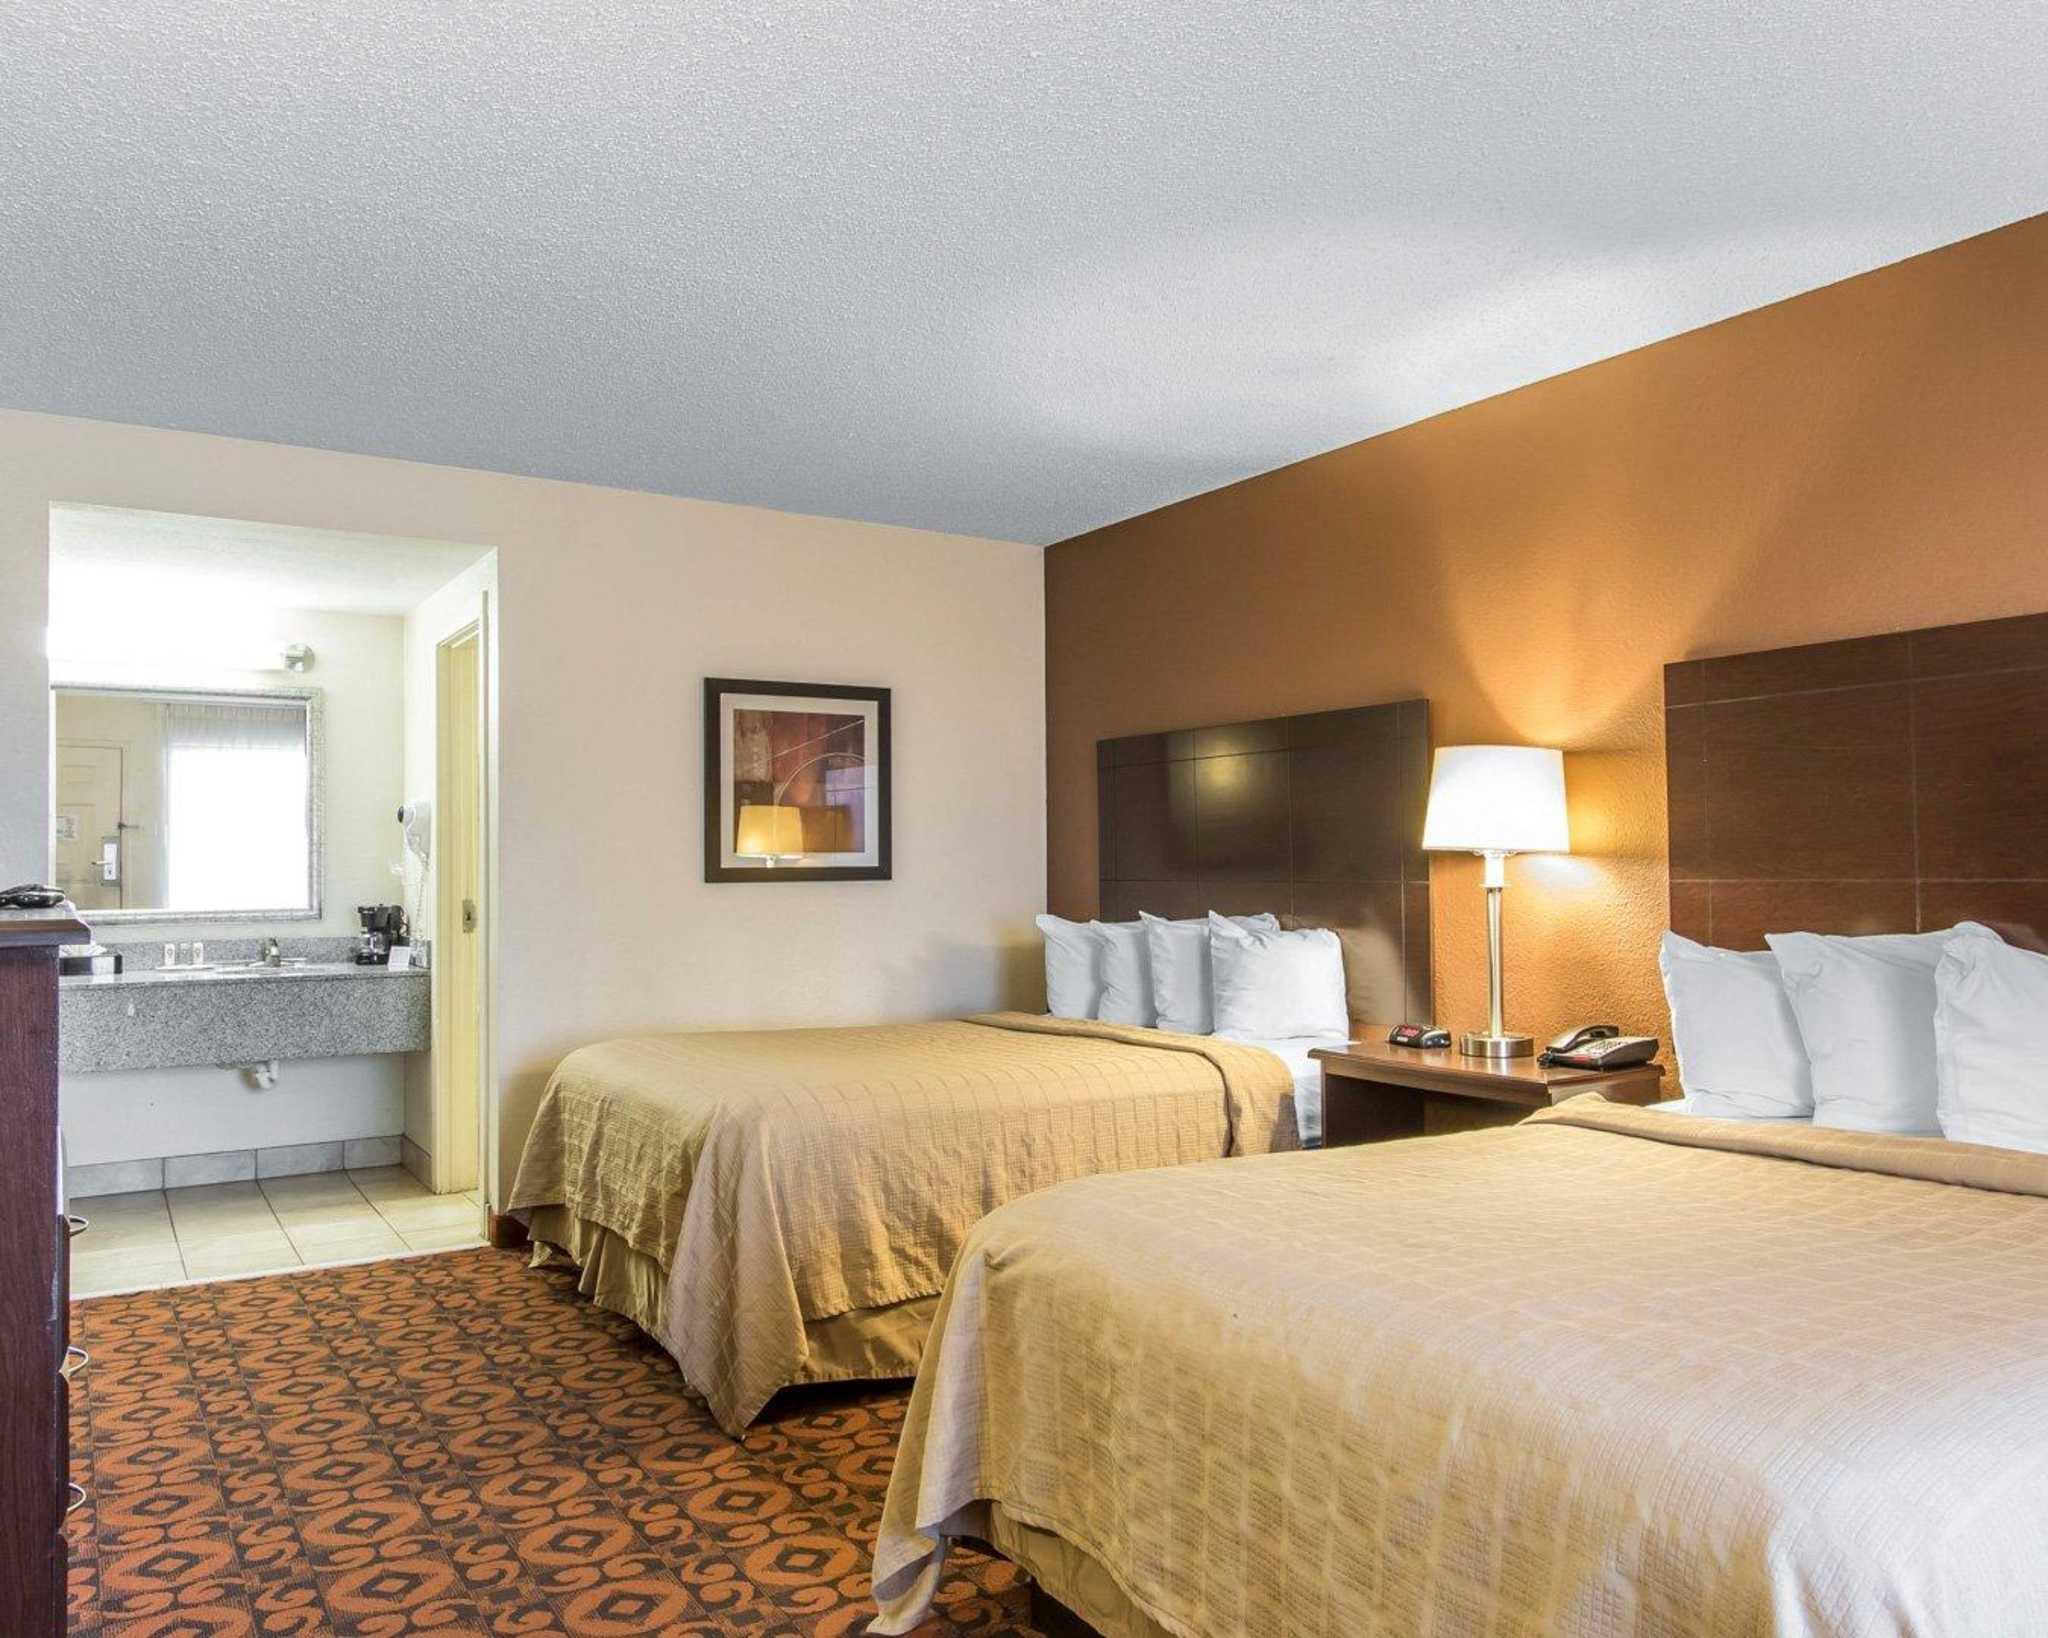 Quality Inn & Suites Fairgrounds West image 7